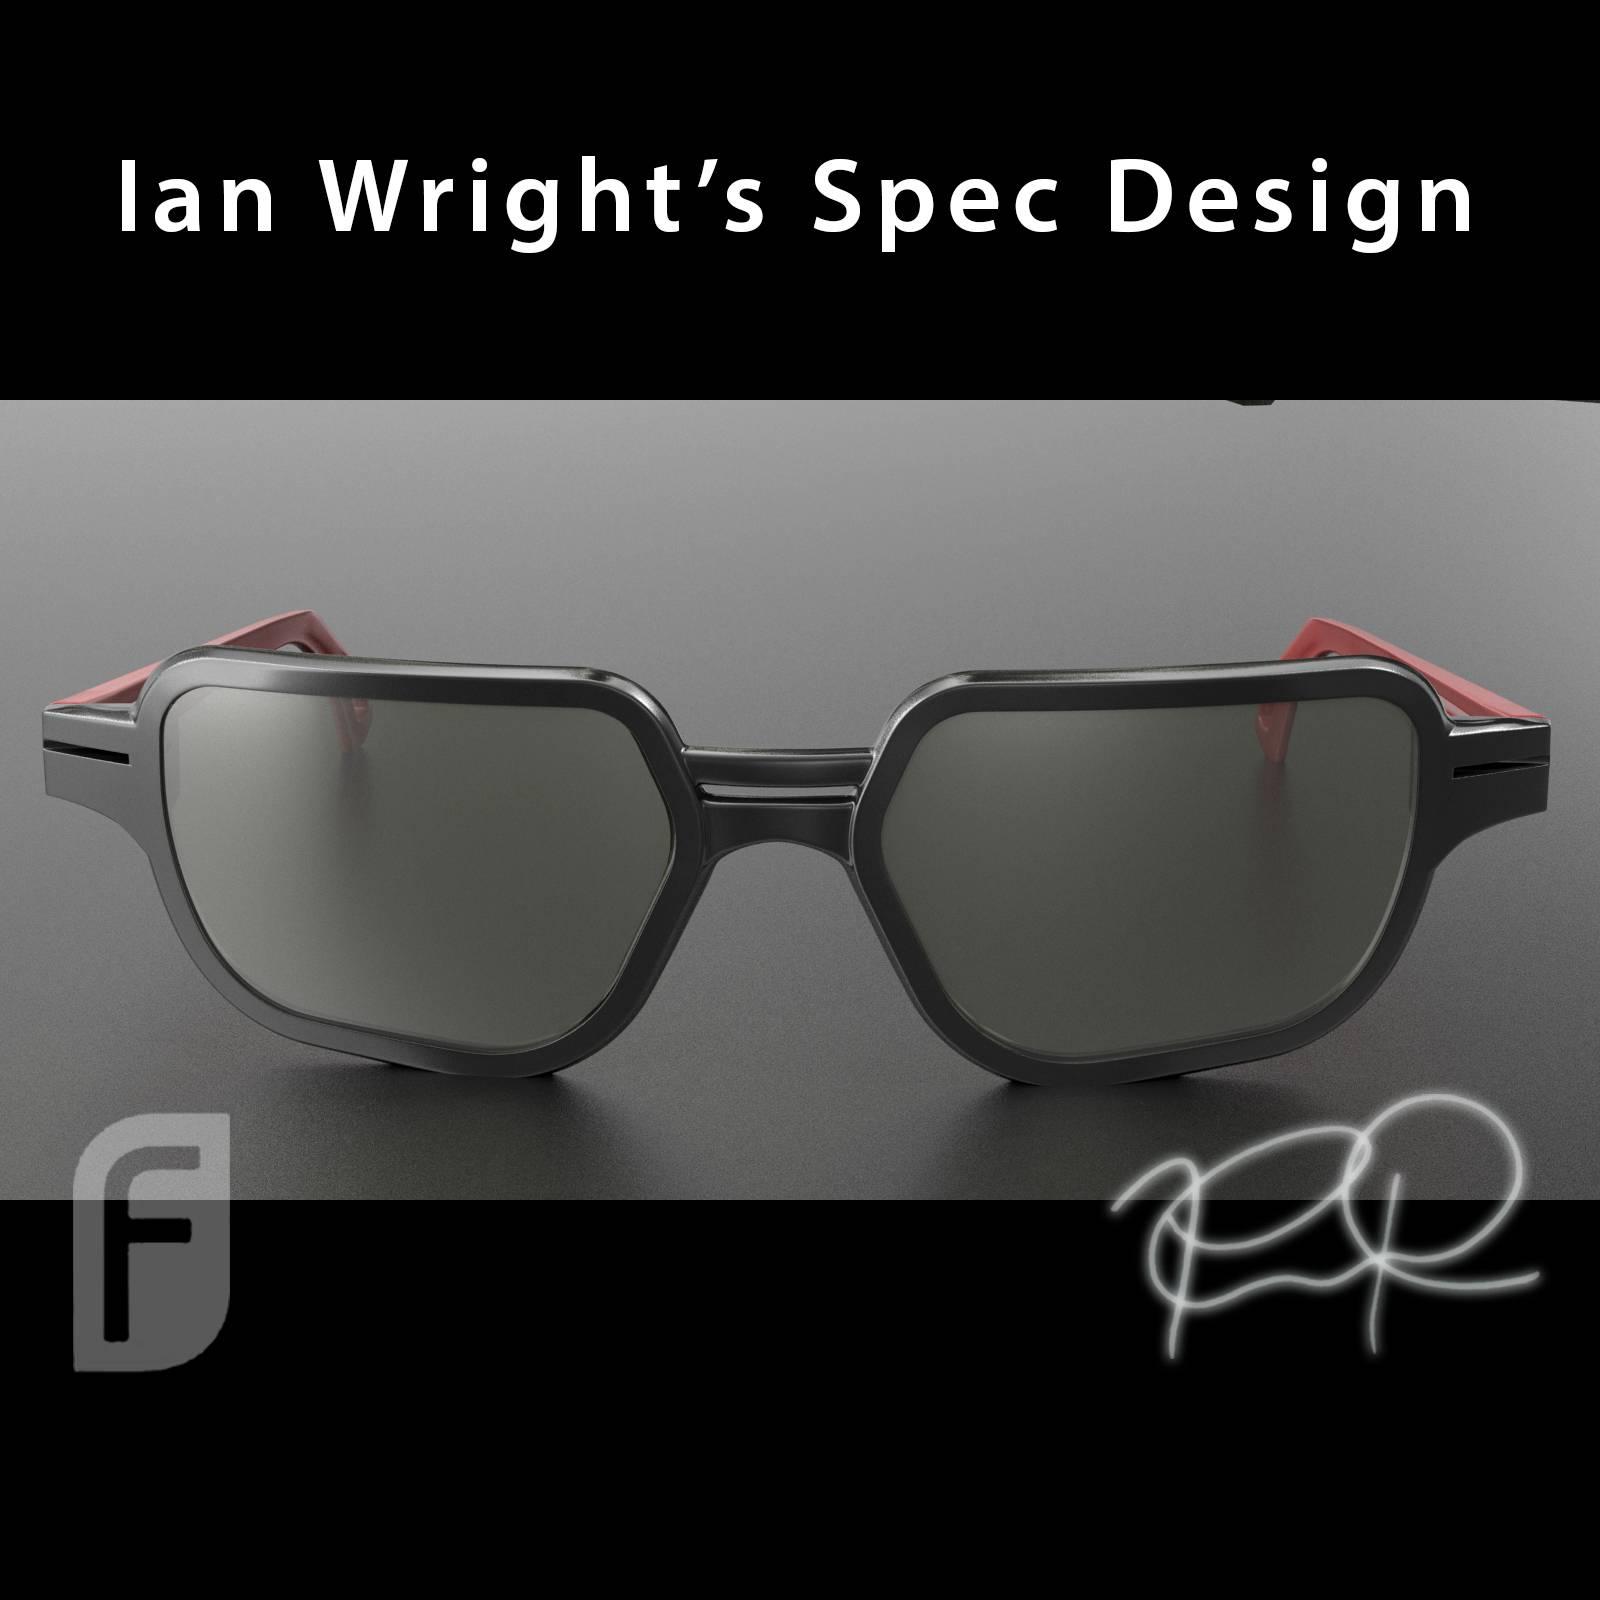 Ian Wright's Specs Front